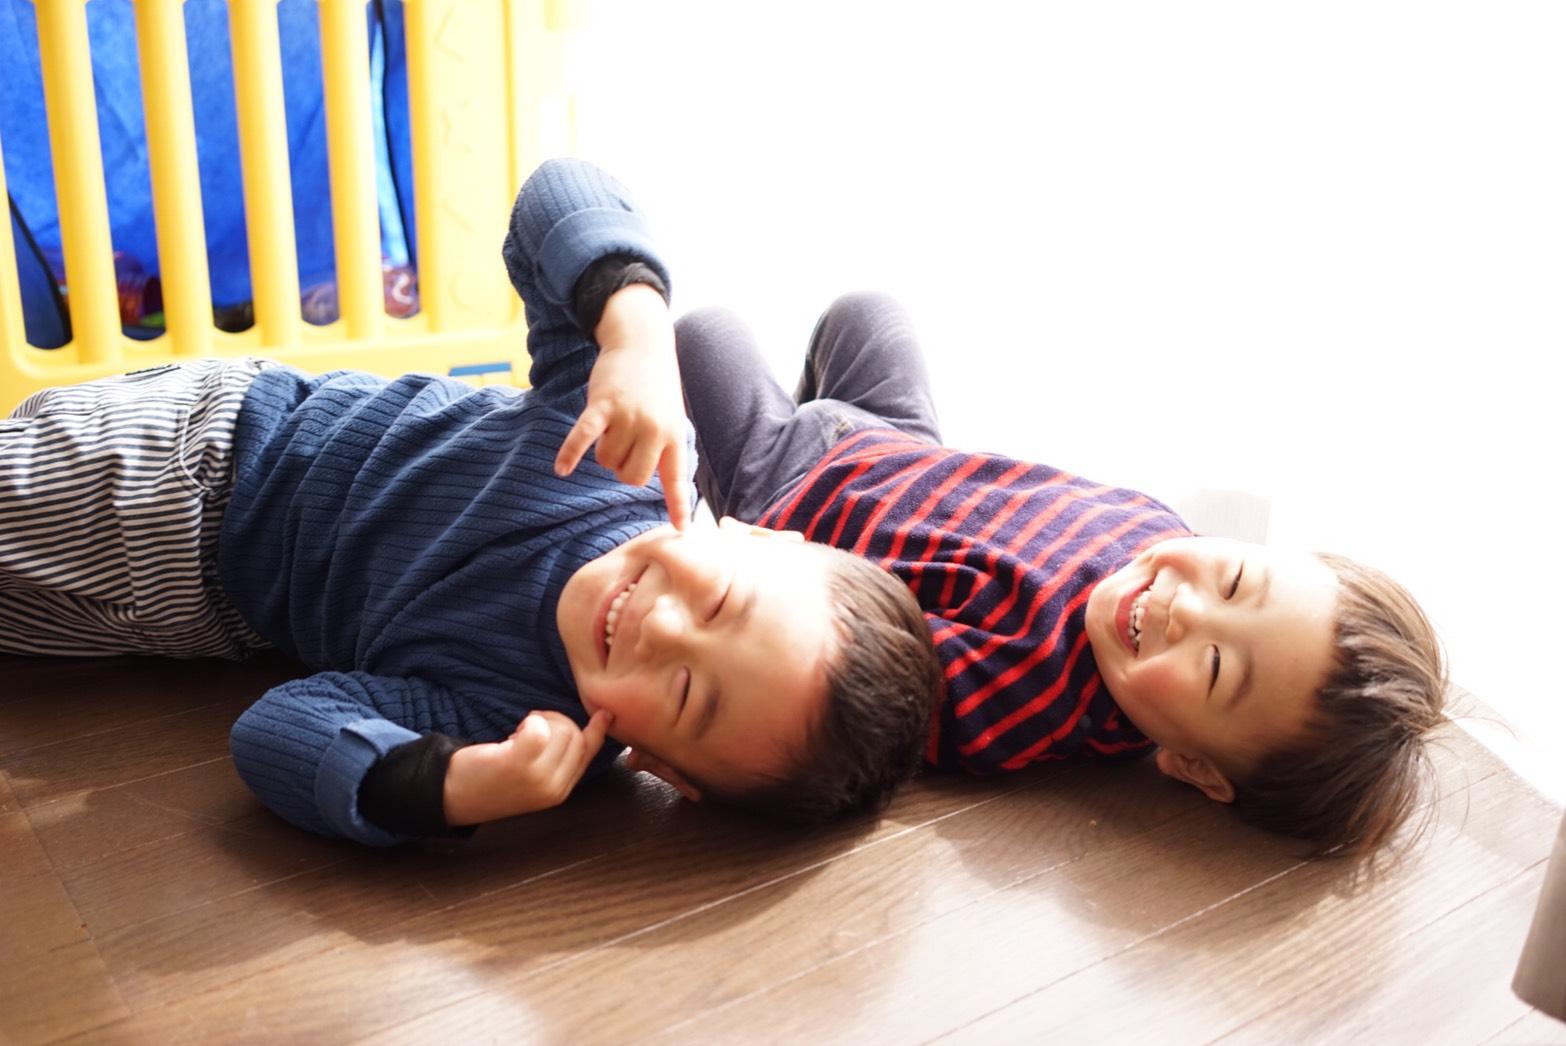 3人の子持ちパパが教える!一眼レフカメラで子供を可愛く撮影する5つのコツ